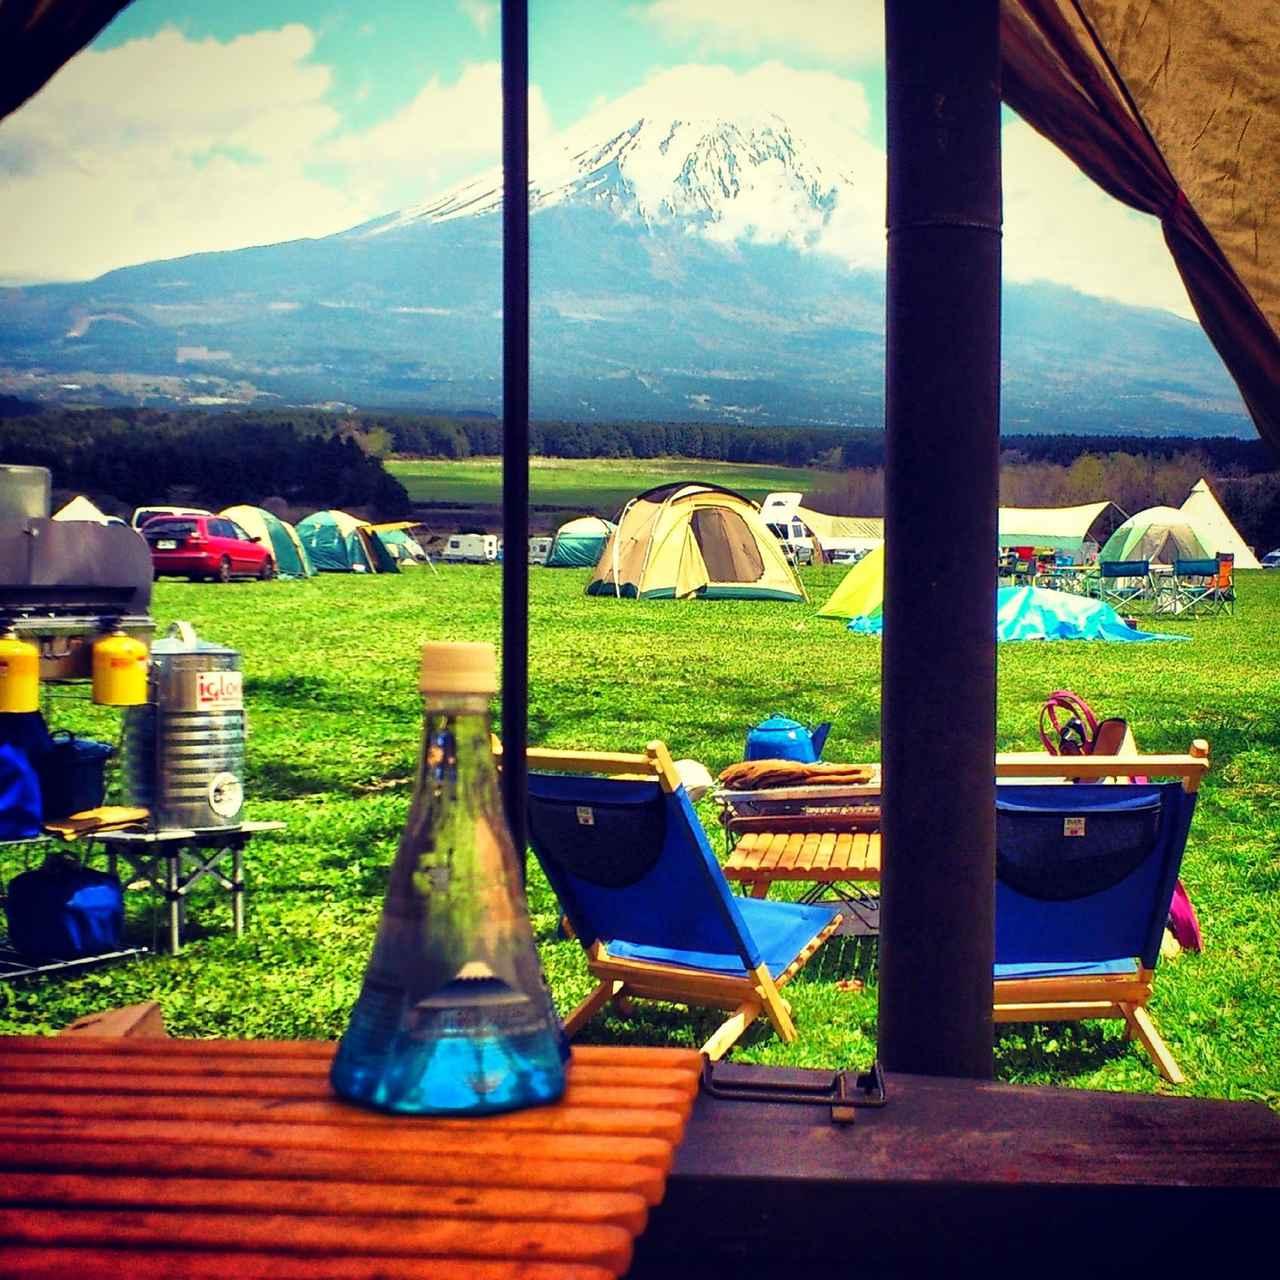 画像: 工夫次第で年越しキャンプの楽しみが増える!臨機応変なキャンプ場予約から大晦日&元旦の過ごし方まで